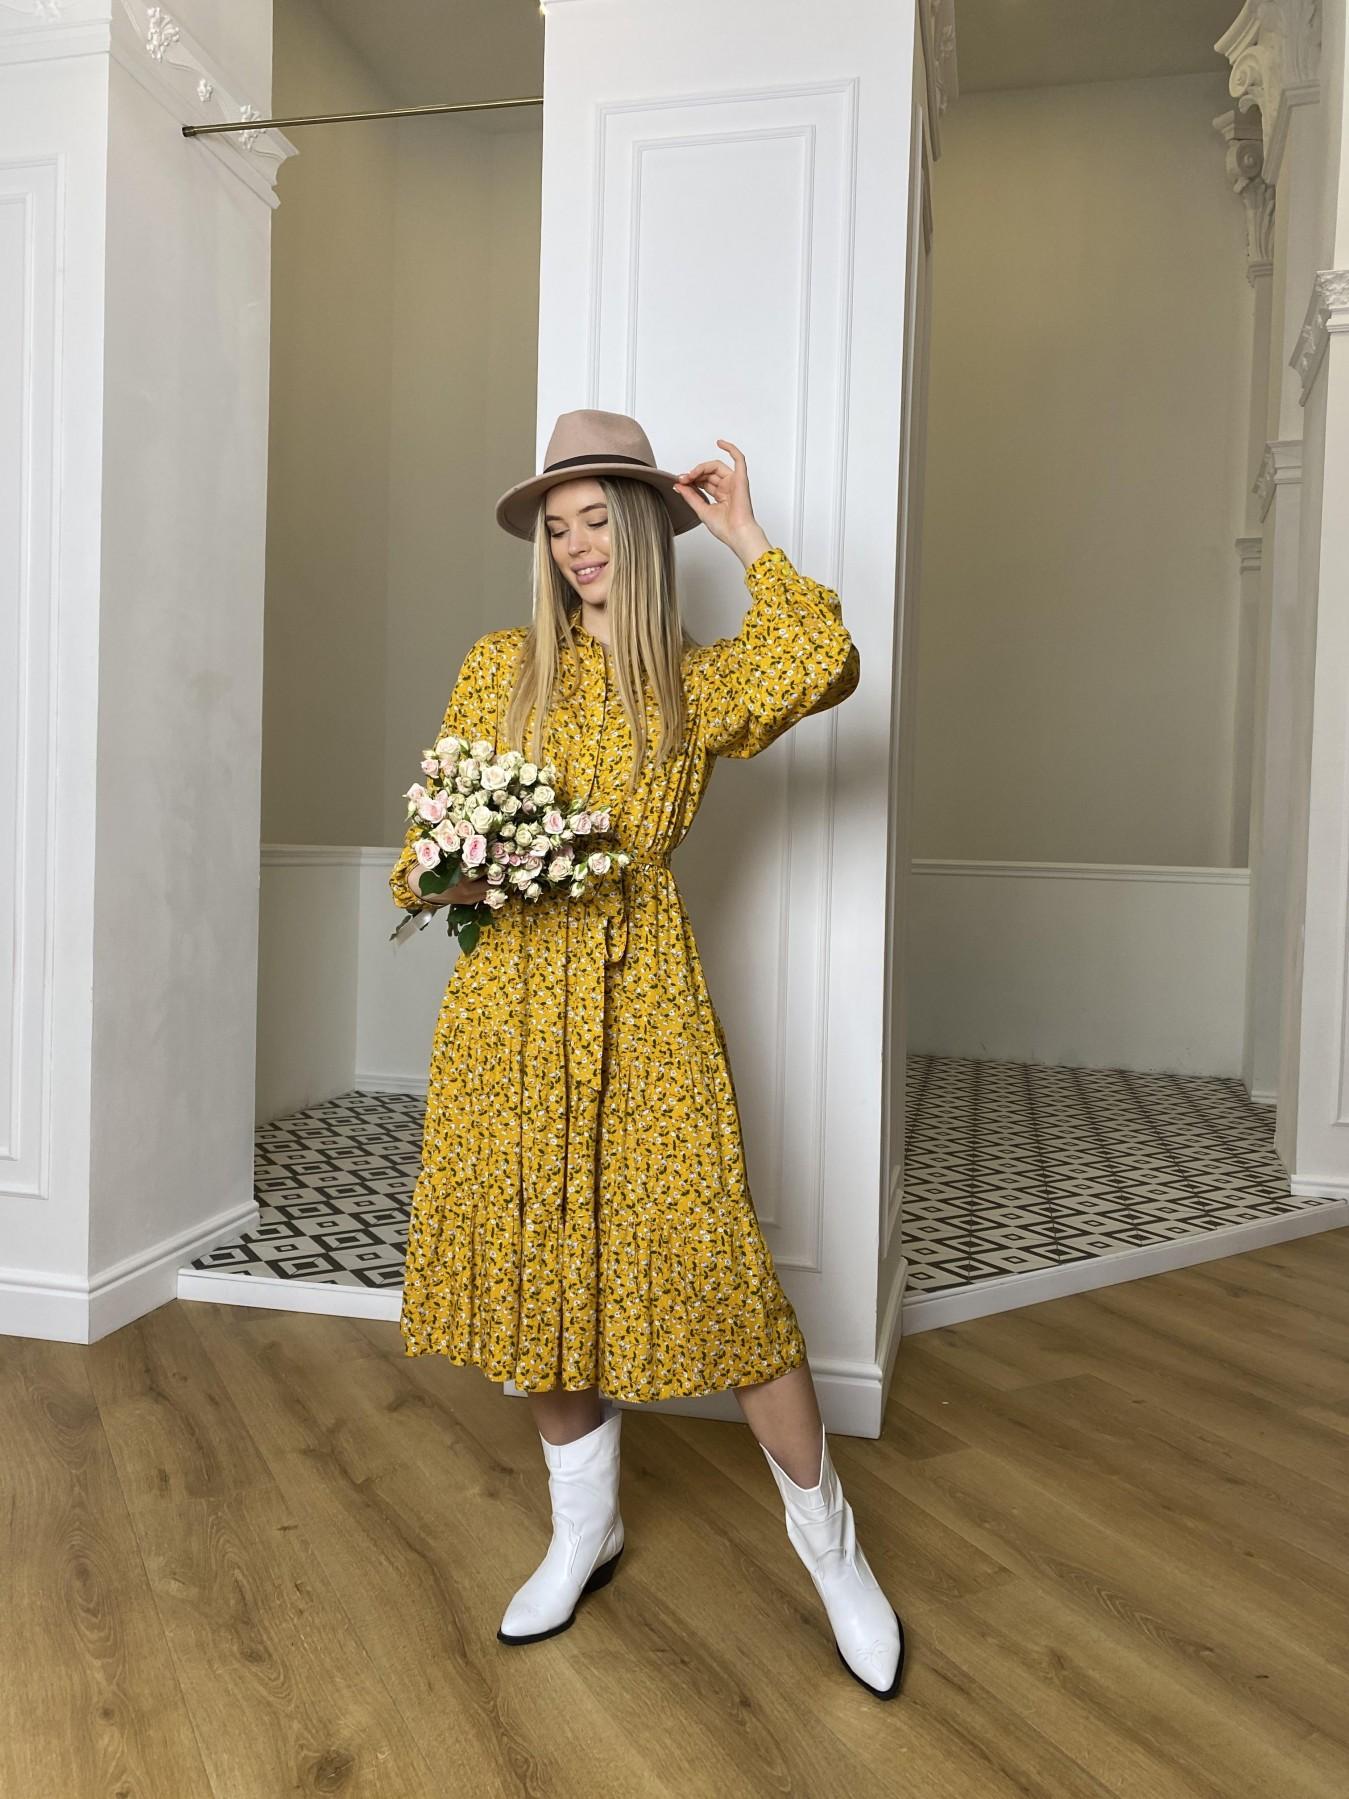 Лилия платье штапель в принт 10879 АРТ. 47350 Цвет: Цветы мел горч/бел/гол - фото 2, интернет магазин tm-modus.ru